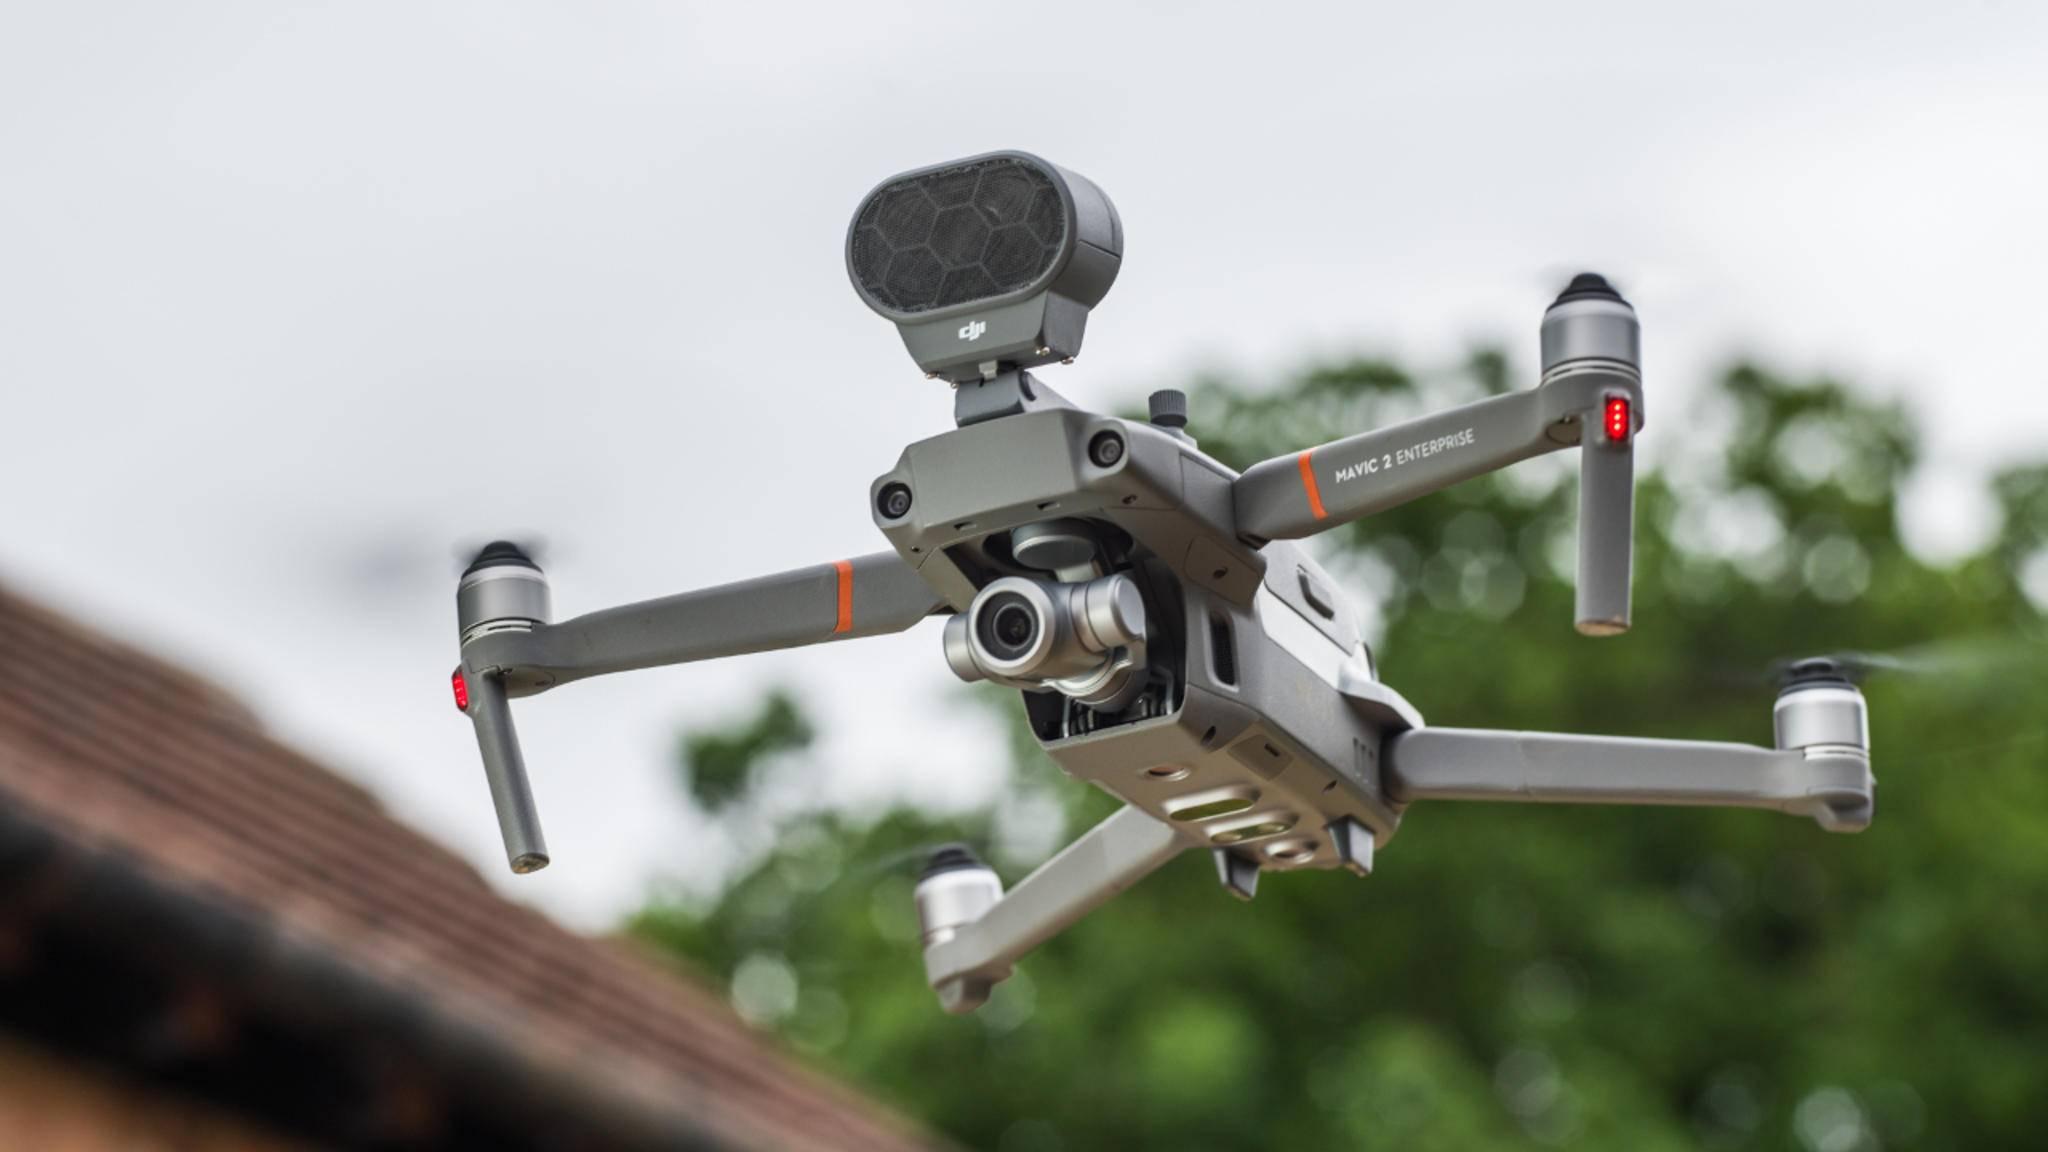 DJI-Drohnen litten bis kürzlich noch unter einer schweren Sicherheitslücke, die jetzt aber endlich geschlossen wurde.